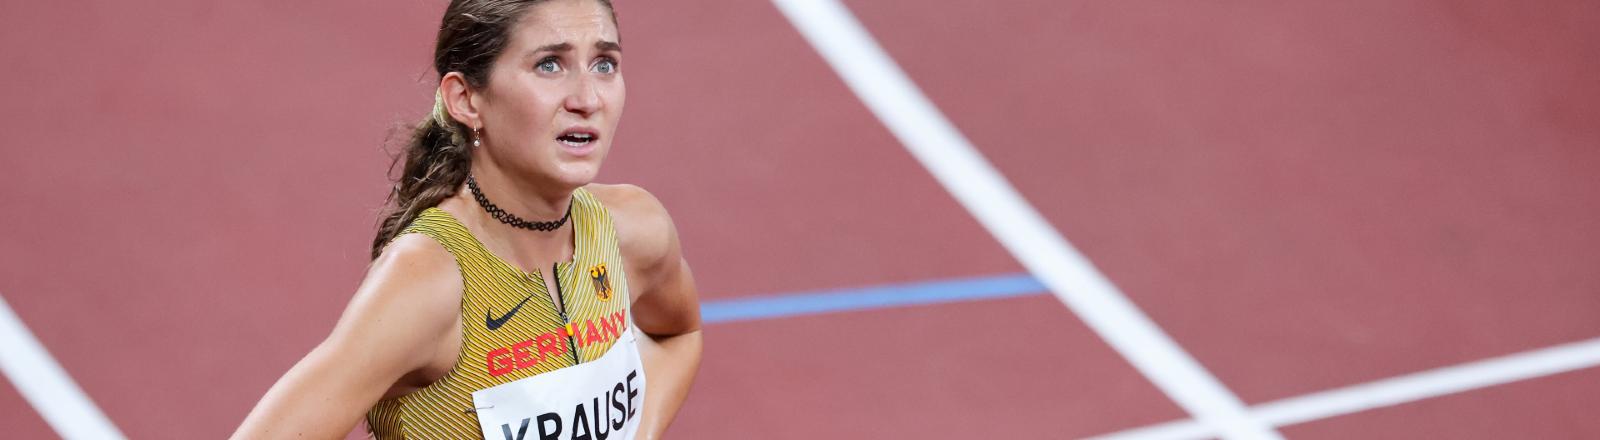 Hindernisläuferin Gesa Felicitas Krause bei den Olympischen Spielen in Tokyo